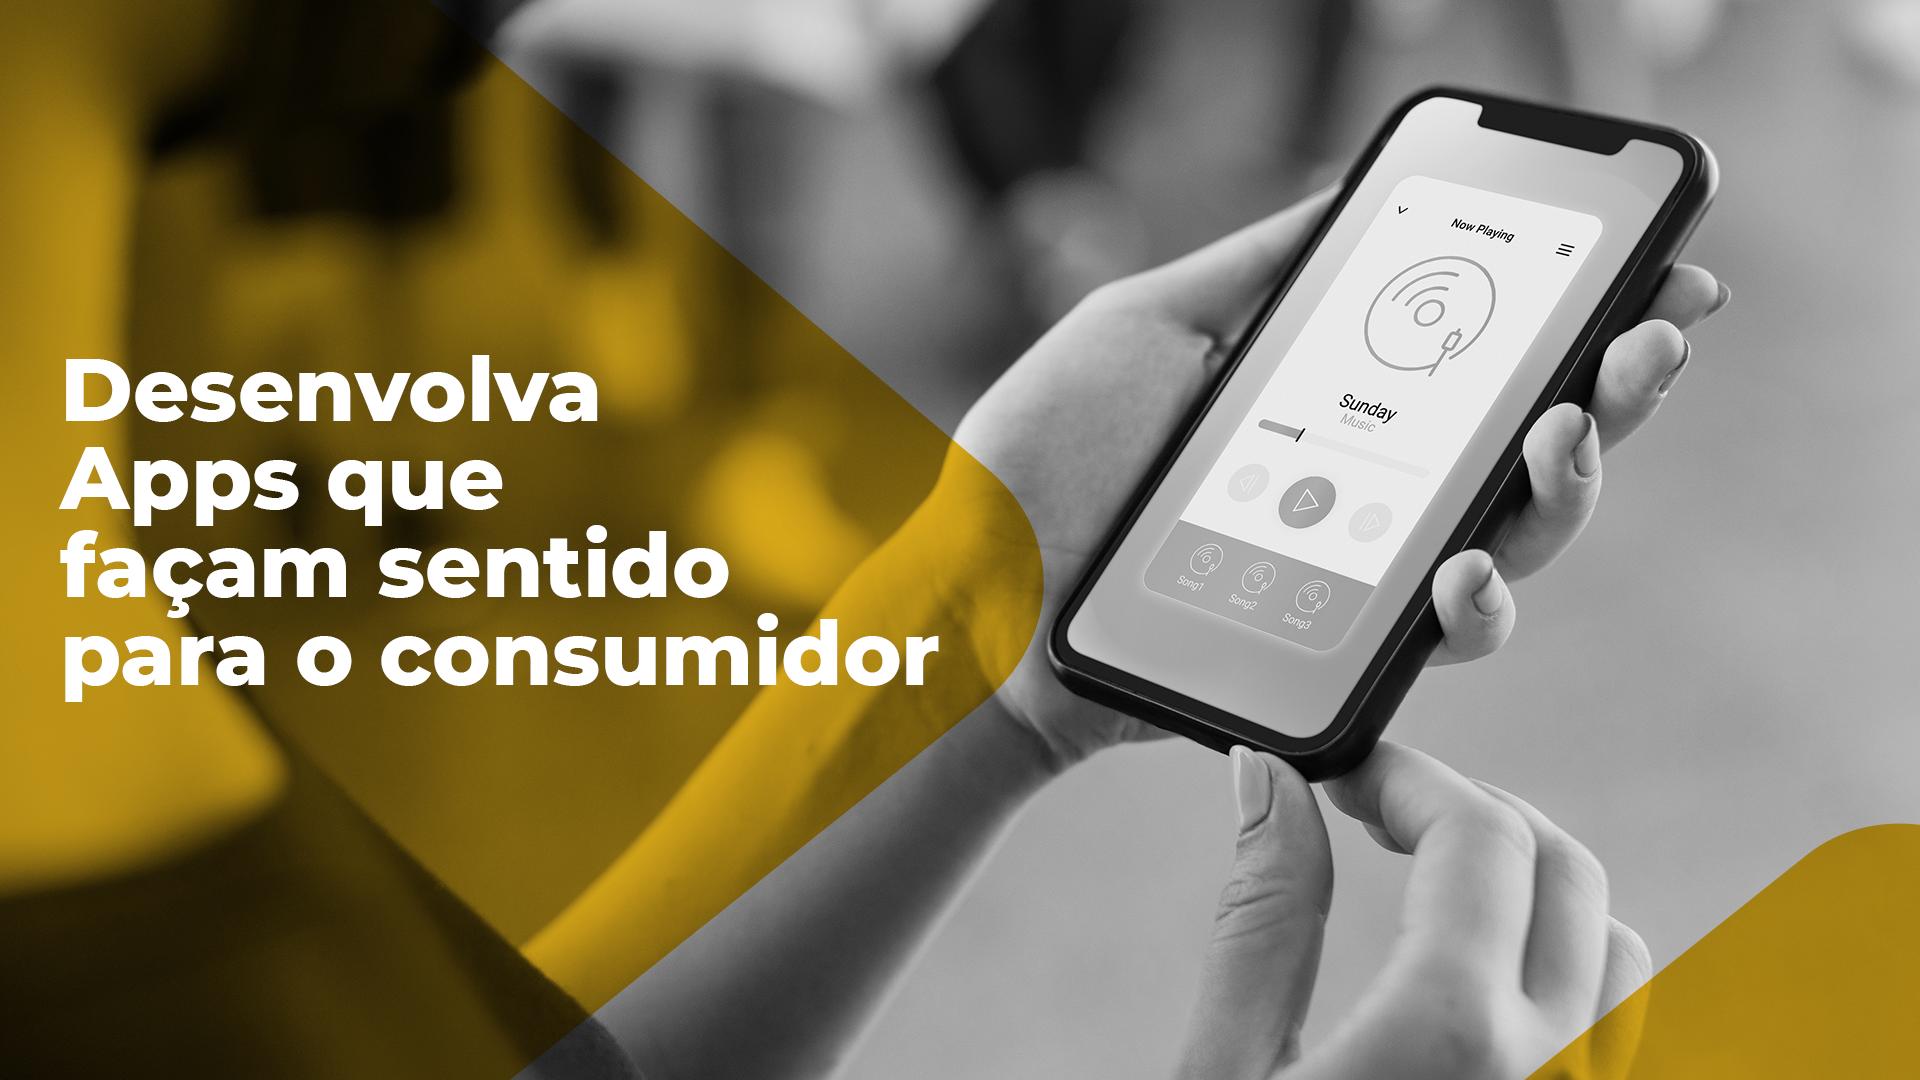 O primeiro segredo ao desenvolver apps para o consumidor